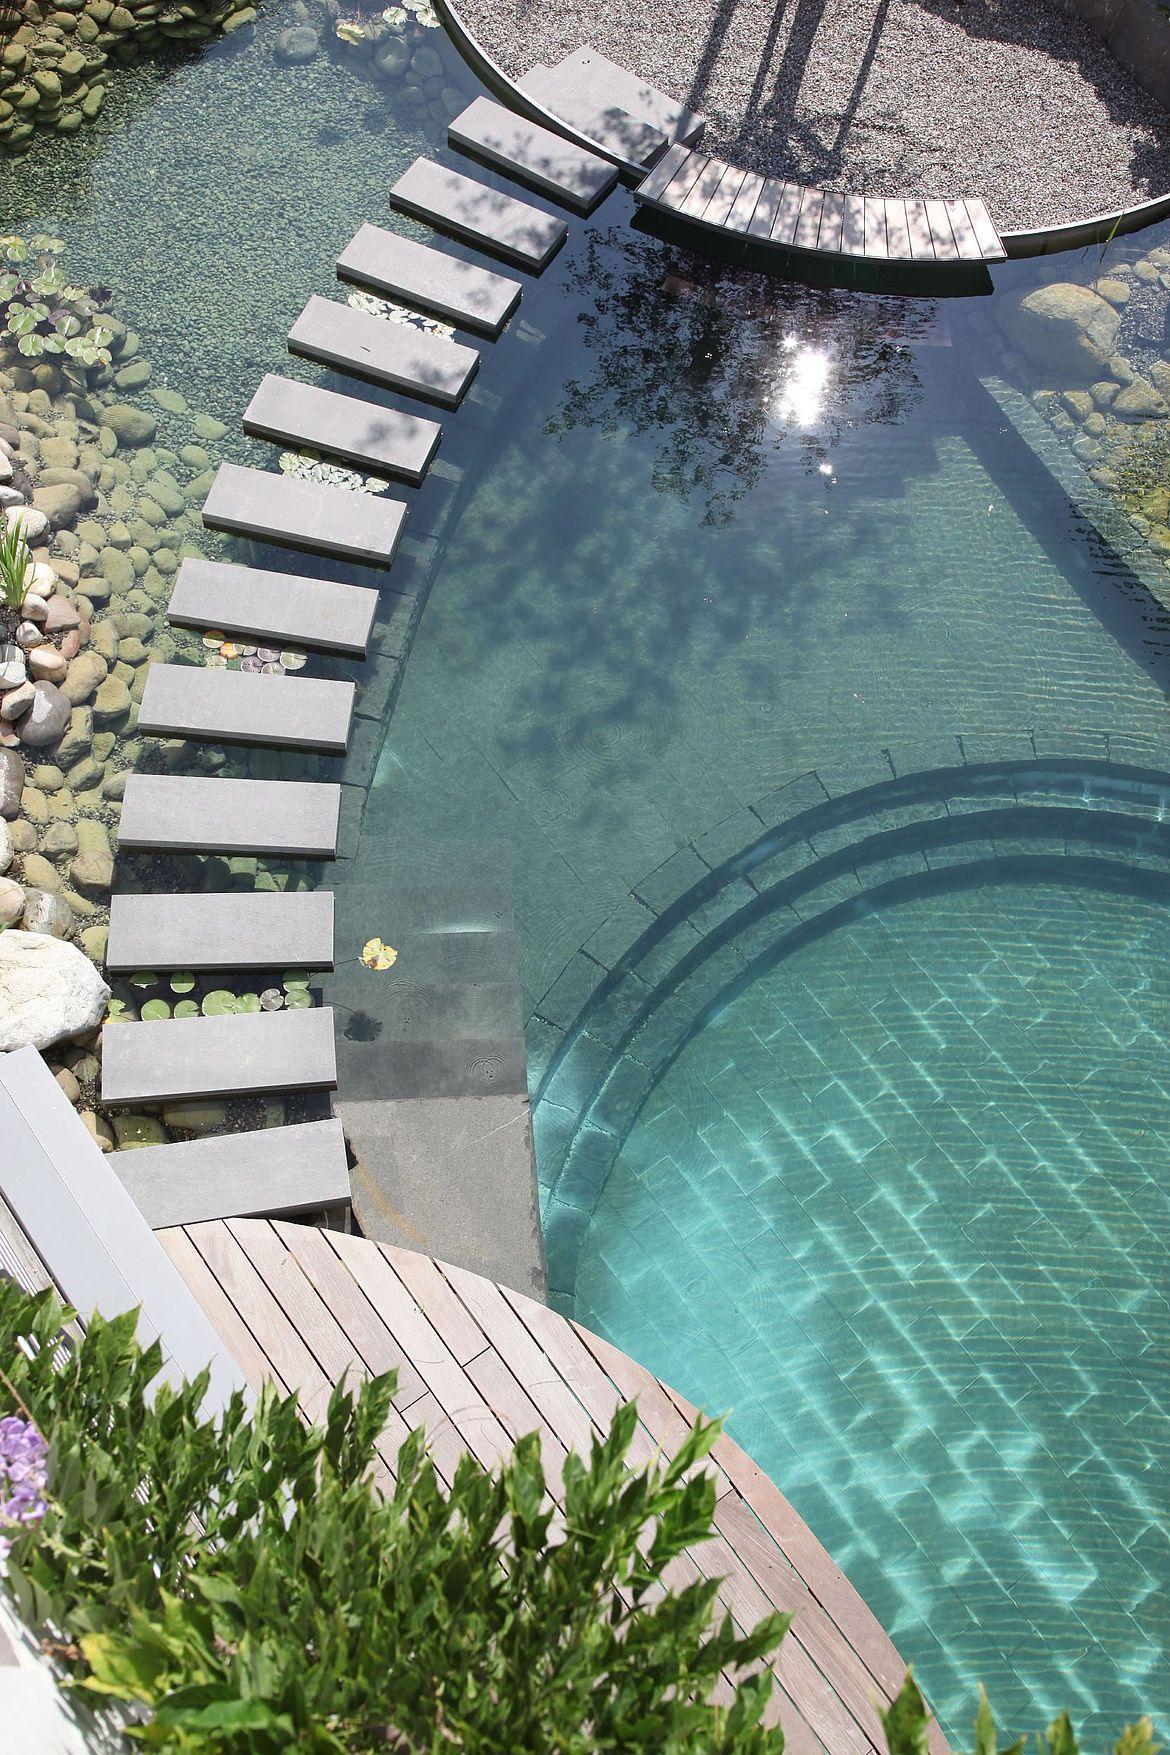 Schwimmteich teich pool teichgestaltung nat rlich for Gartenpool eingebaut